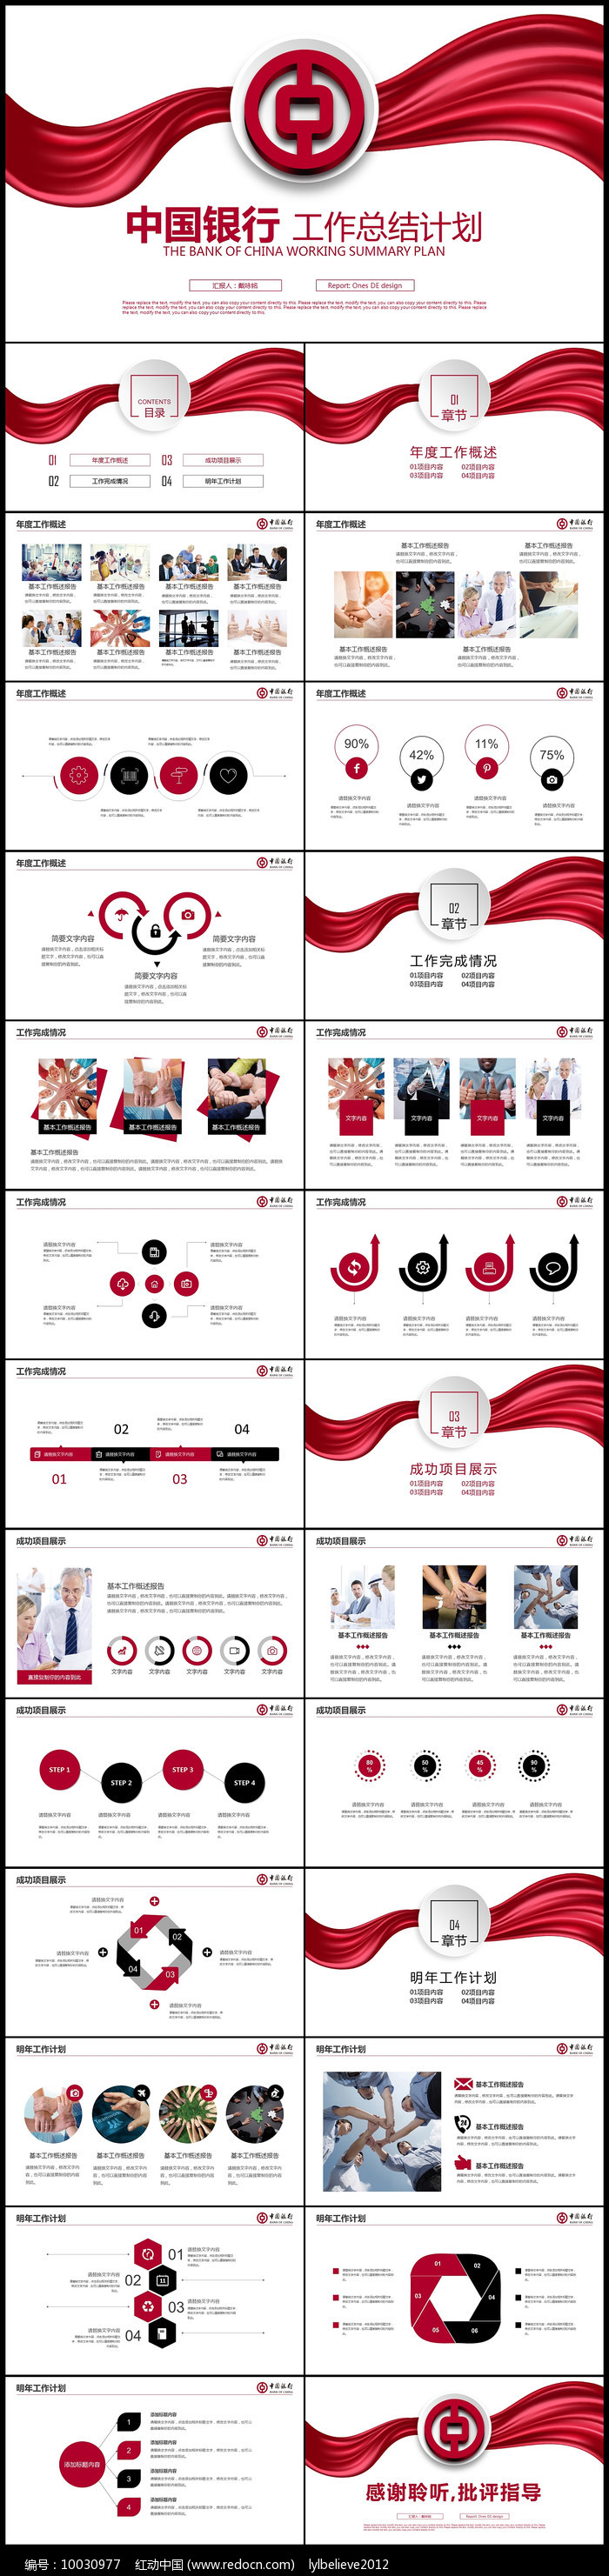 红色中国银行总结计划ppt图片